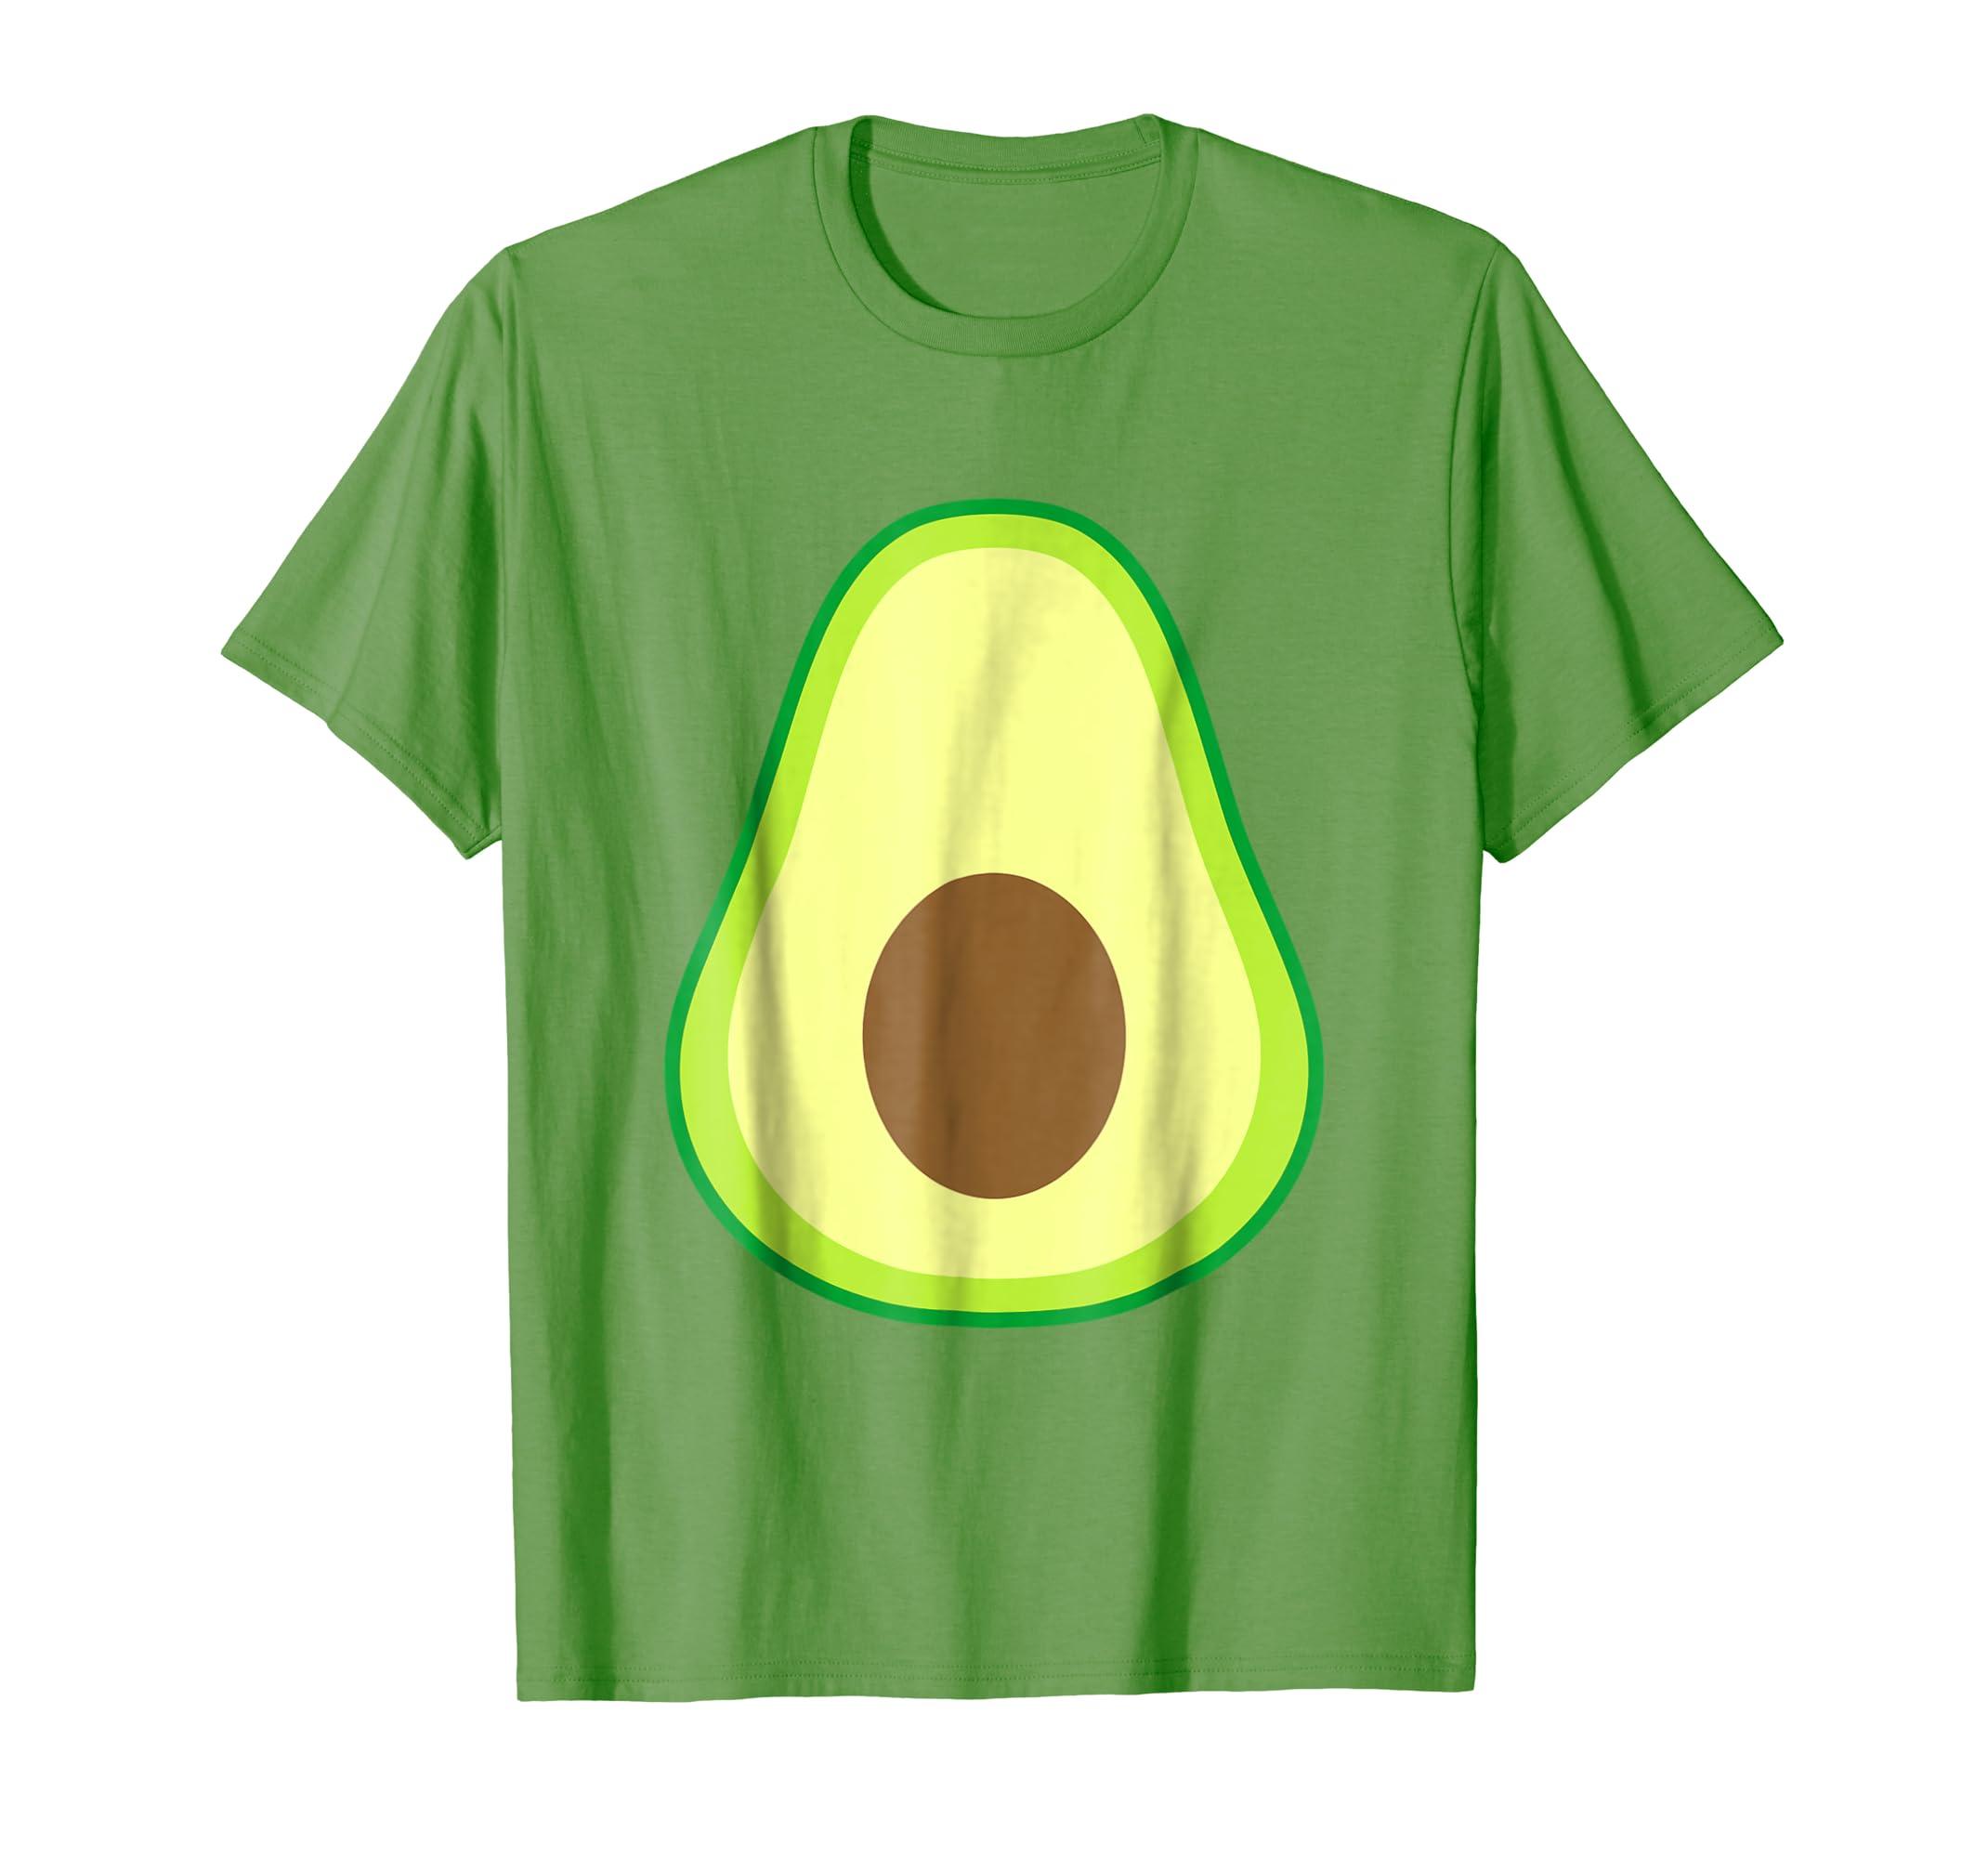 Avocado Buddy Cute tshirt I Love avocados-azvn